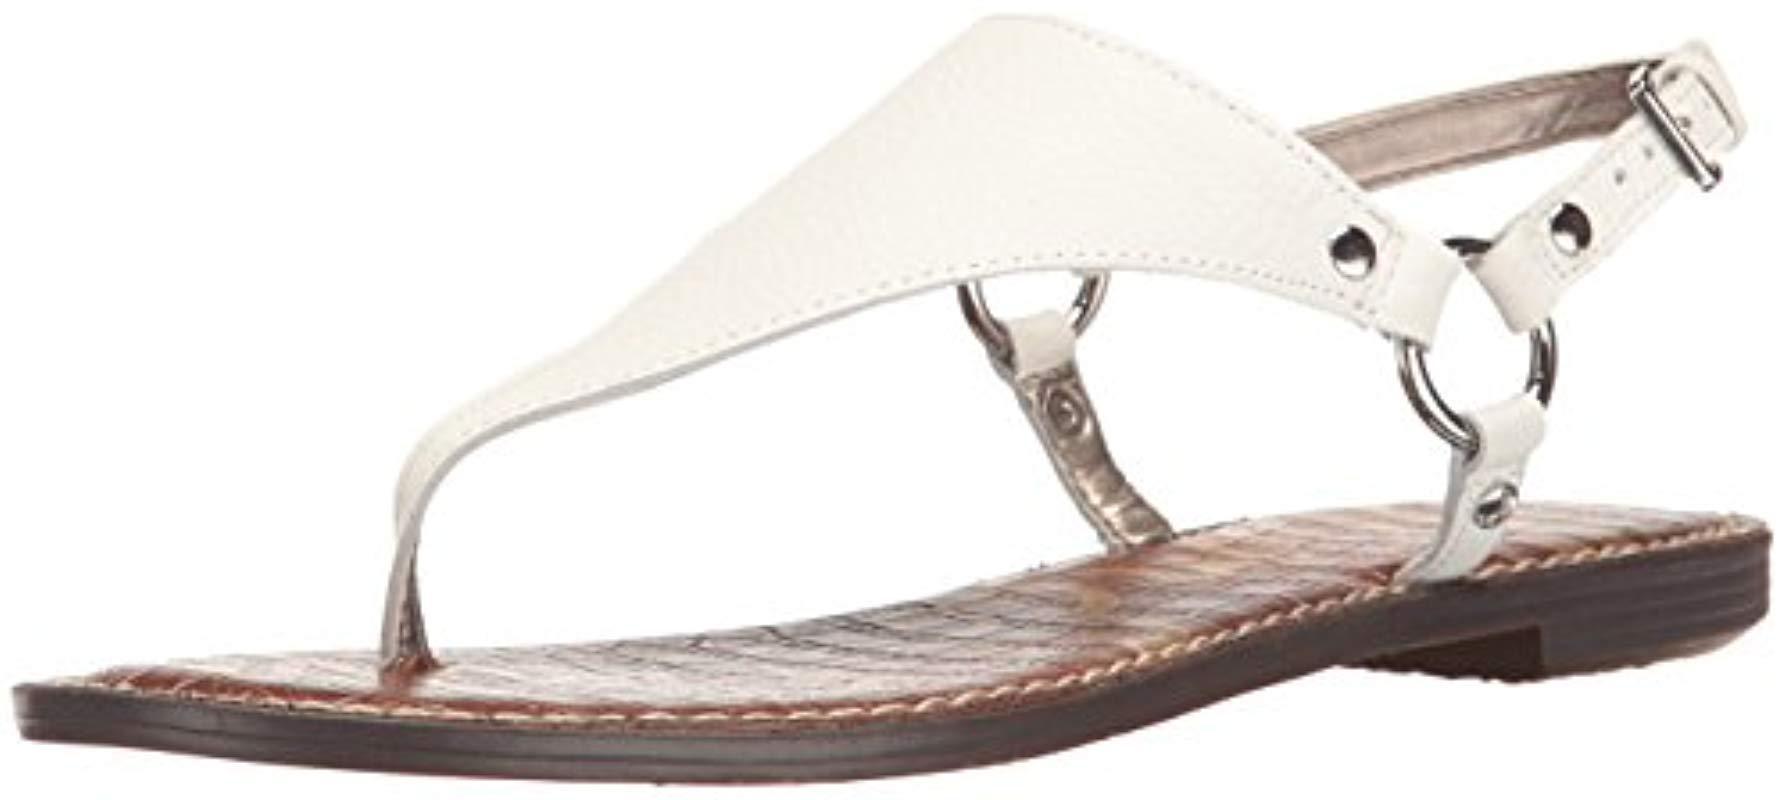 b73a849230d1 Lyst - Sam Edelman Greta Flat Sandal in White - Save 52.38095238095238%